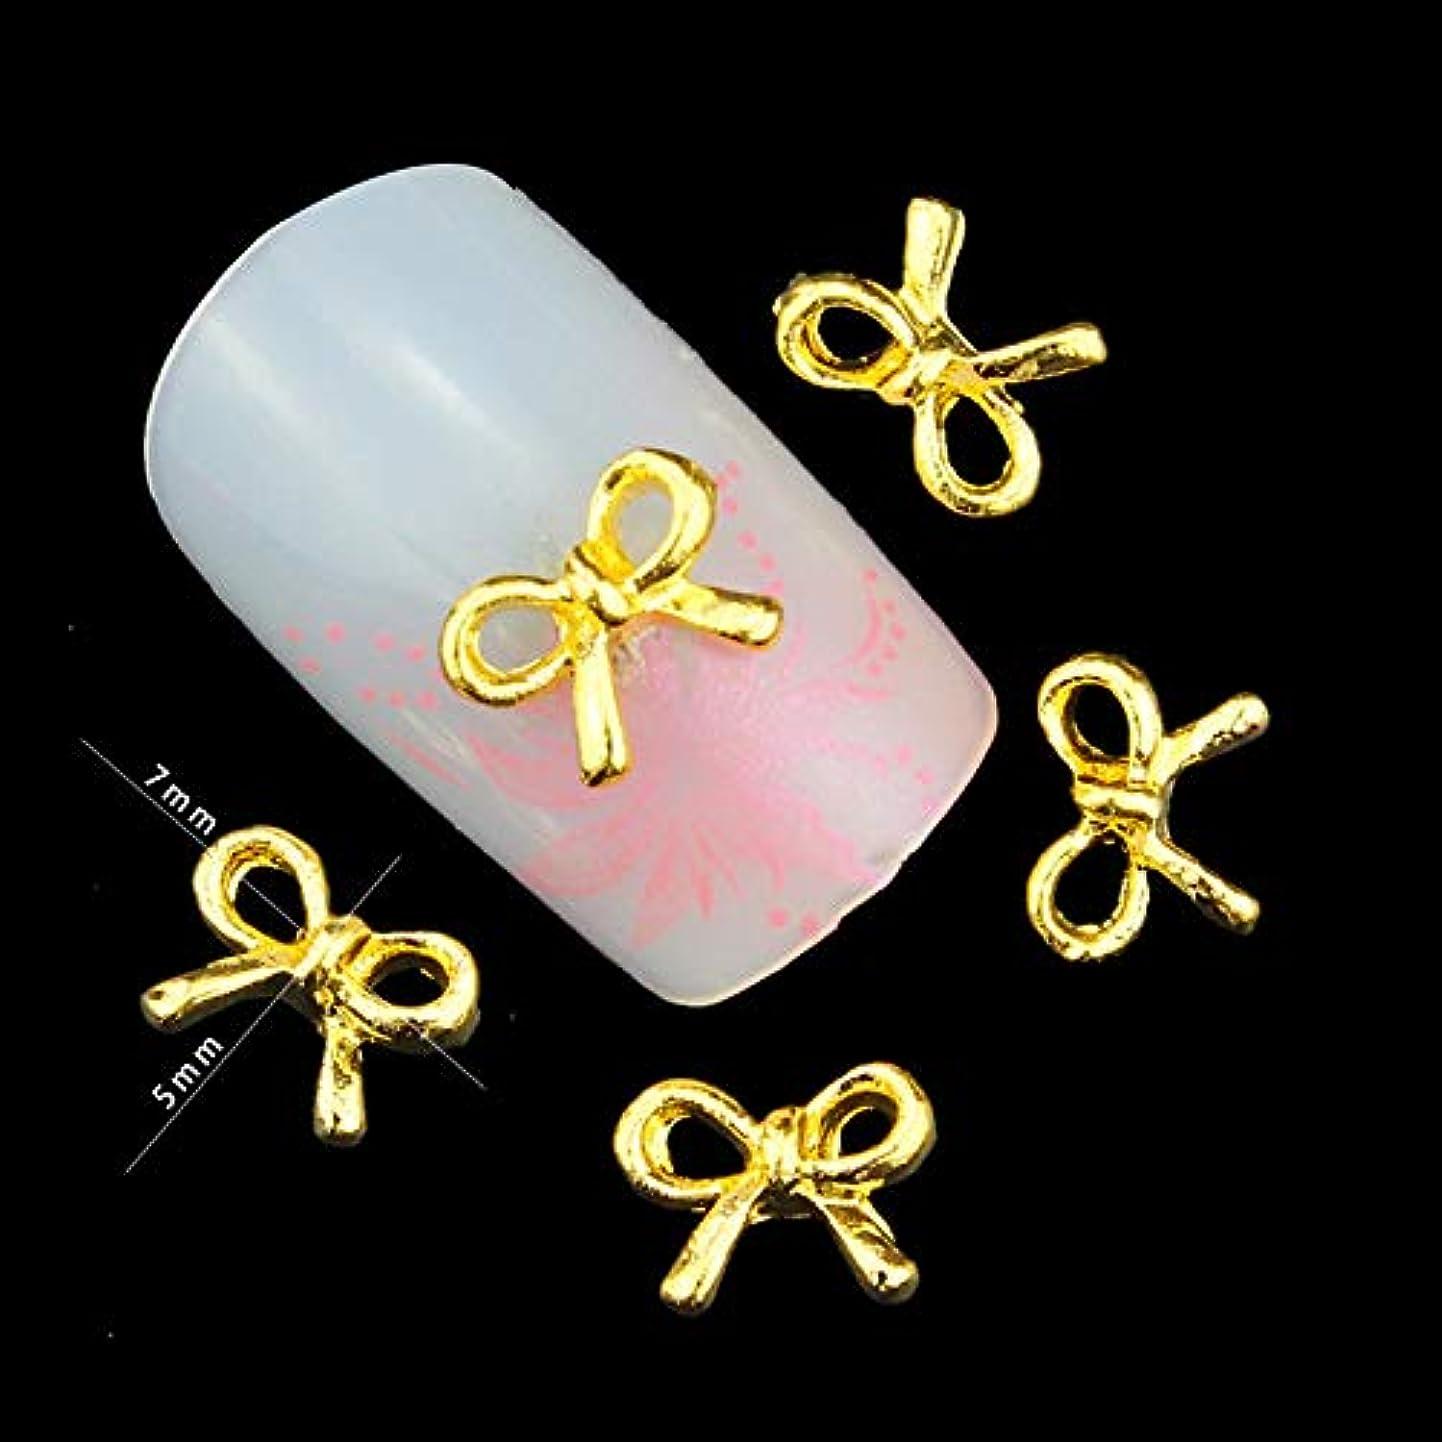 が欲しい麻痺先住民10個入り/パックゴールド蝶ネクタイの3Dネイルアートの装飾DIYグリッター合金ネイルアクセサリーチャームネイル宝石ツール